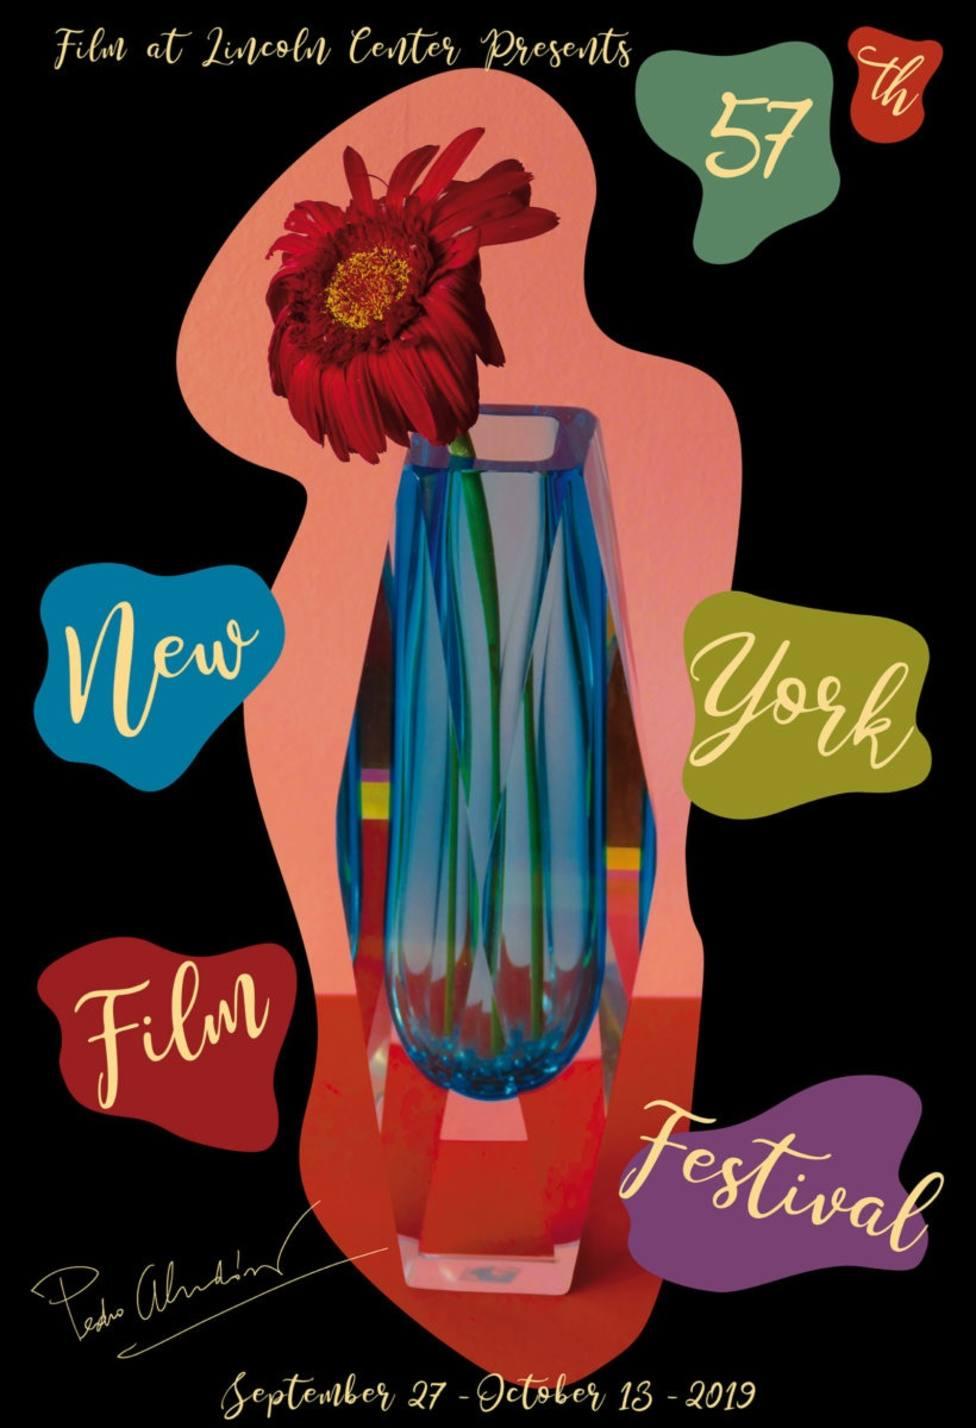 Pedro Almodóvar diseña el cartel del Festival de Cine de Nueva York y participará con Dolor y Gloria